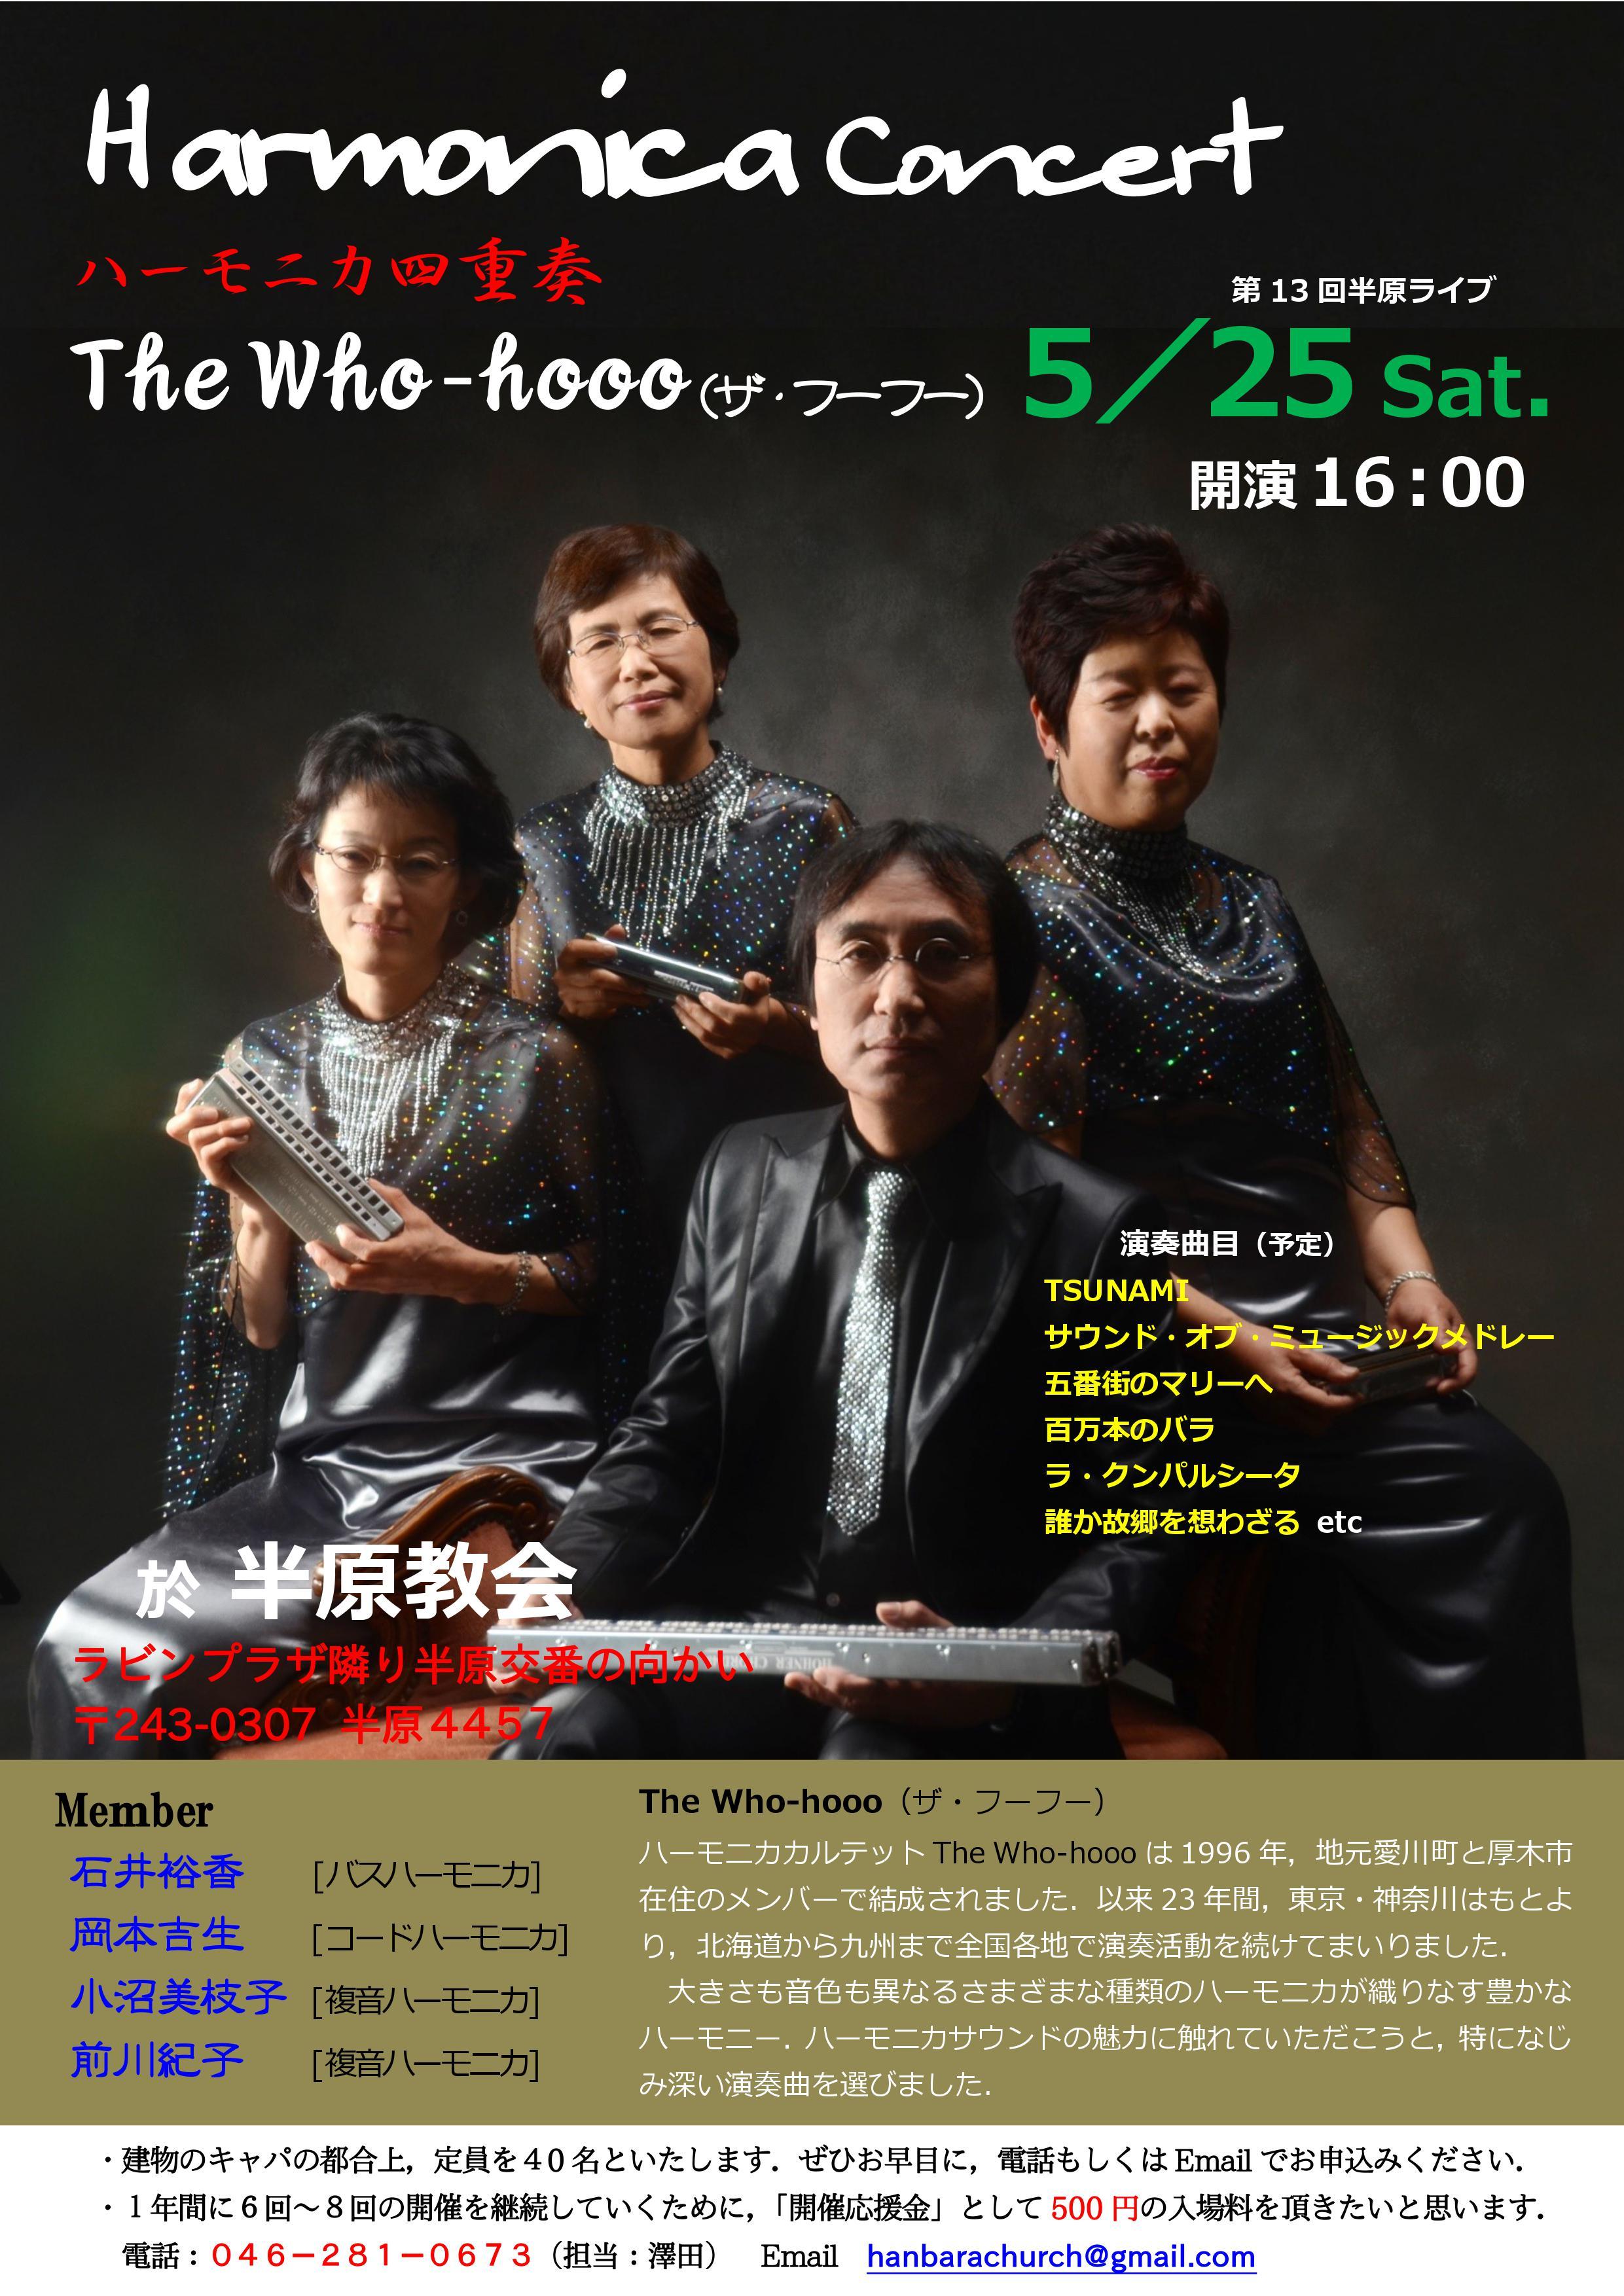 ハーモニカコンサート・The Who-hooo